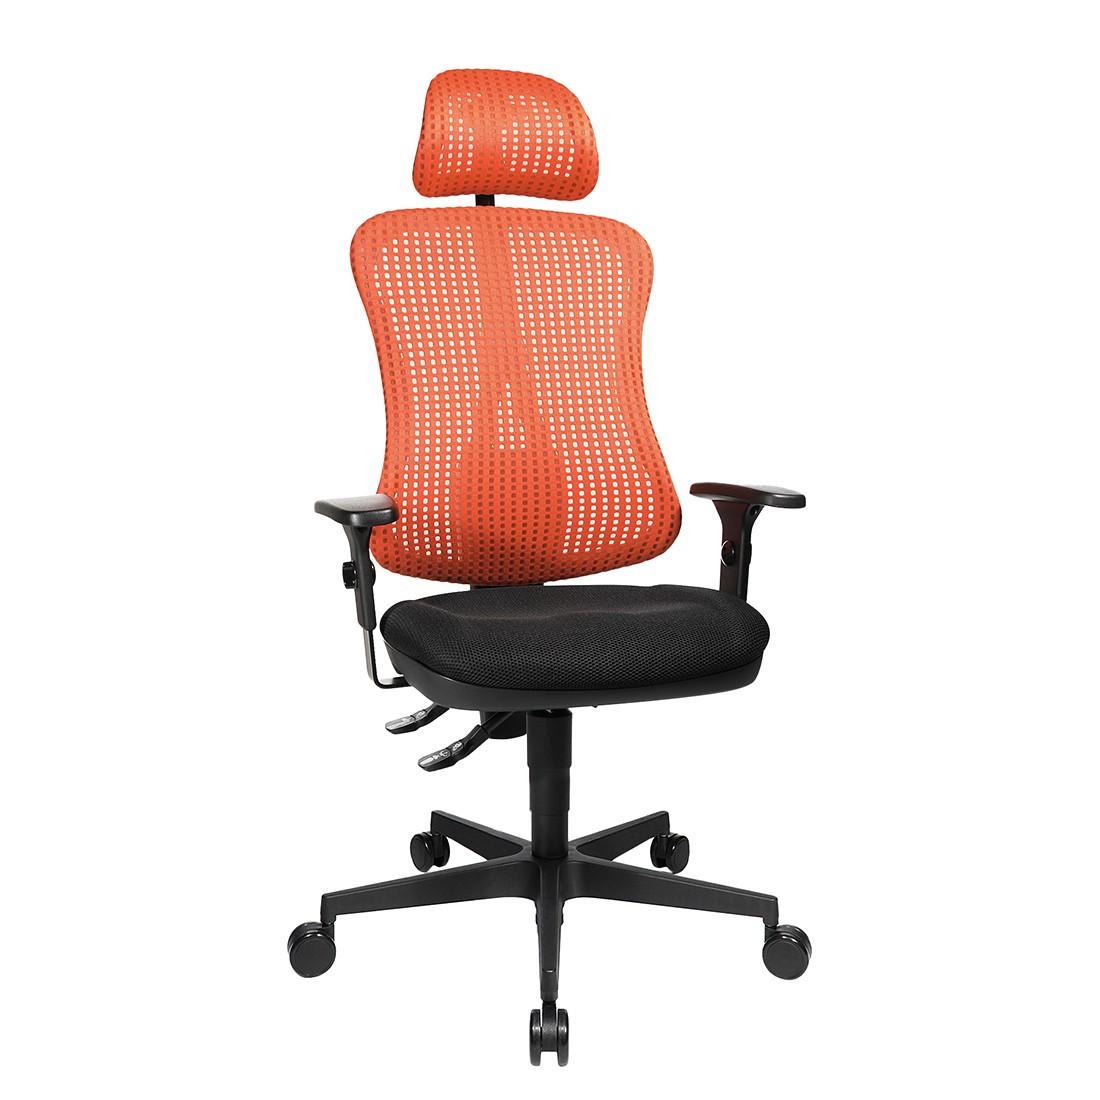 Bürodrehstuhl Head Point – Höhenverstellbare Armlehnen – Mit Kopfstütze – Rot / Schwarz, Topstar günstig kaufen